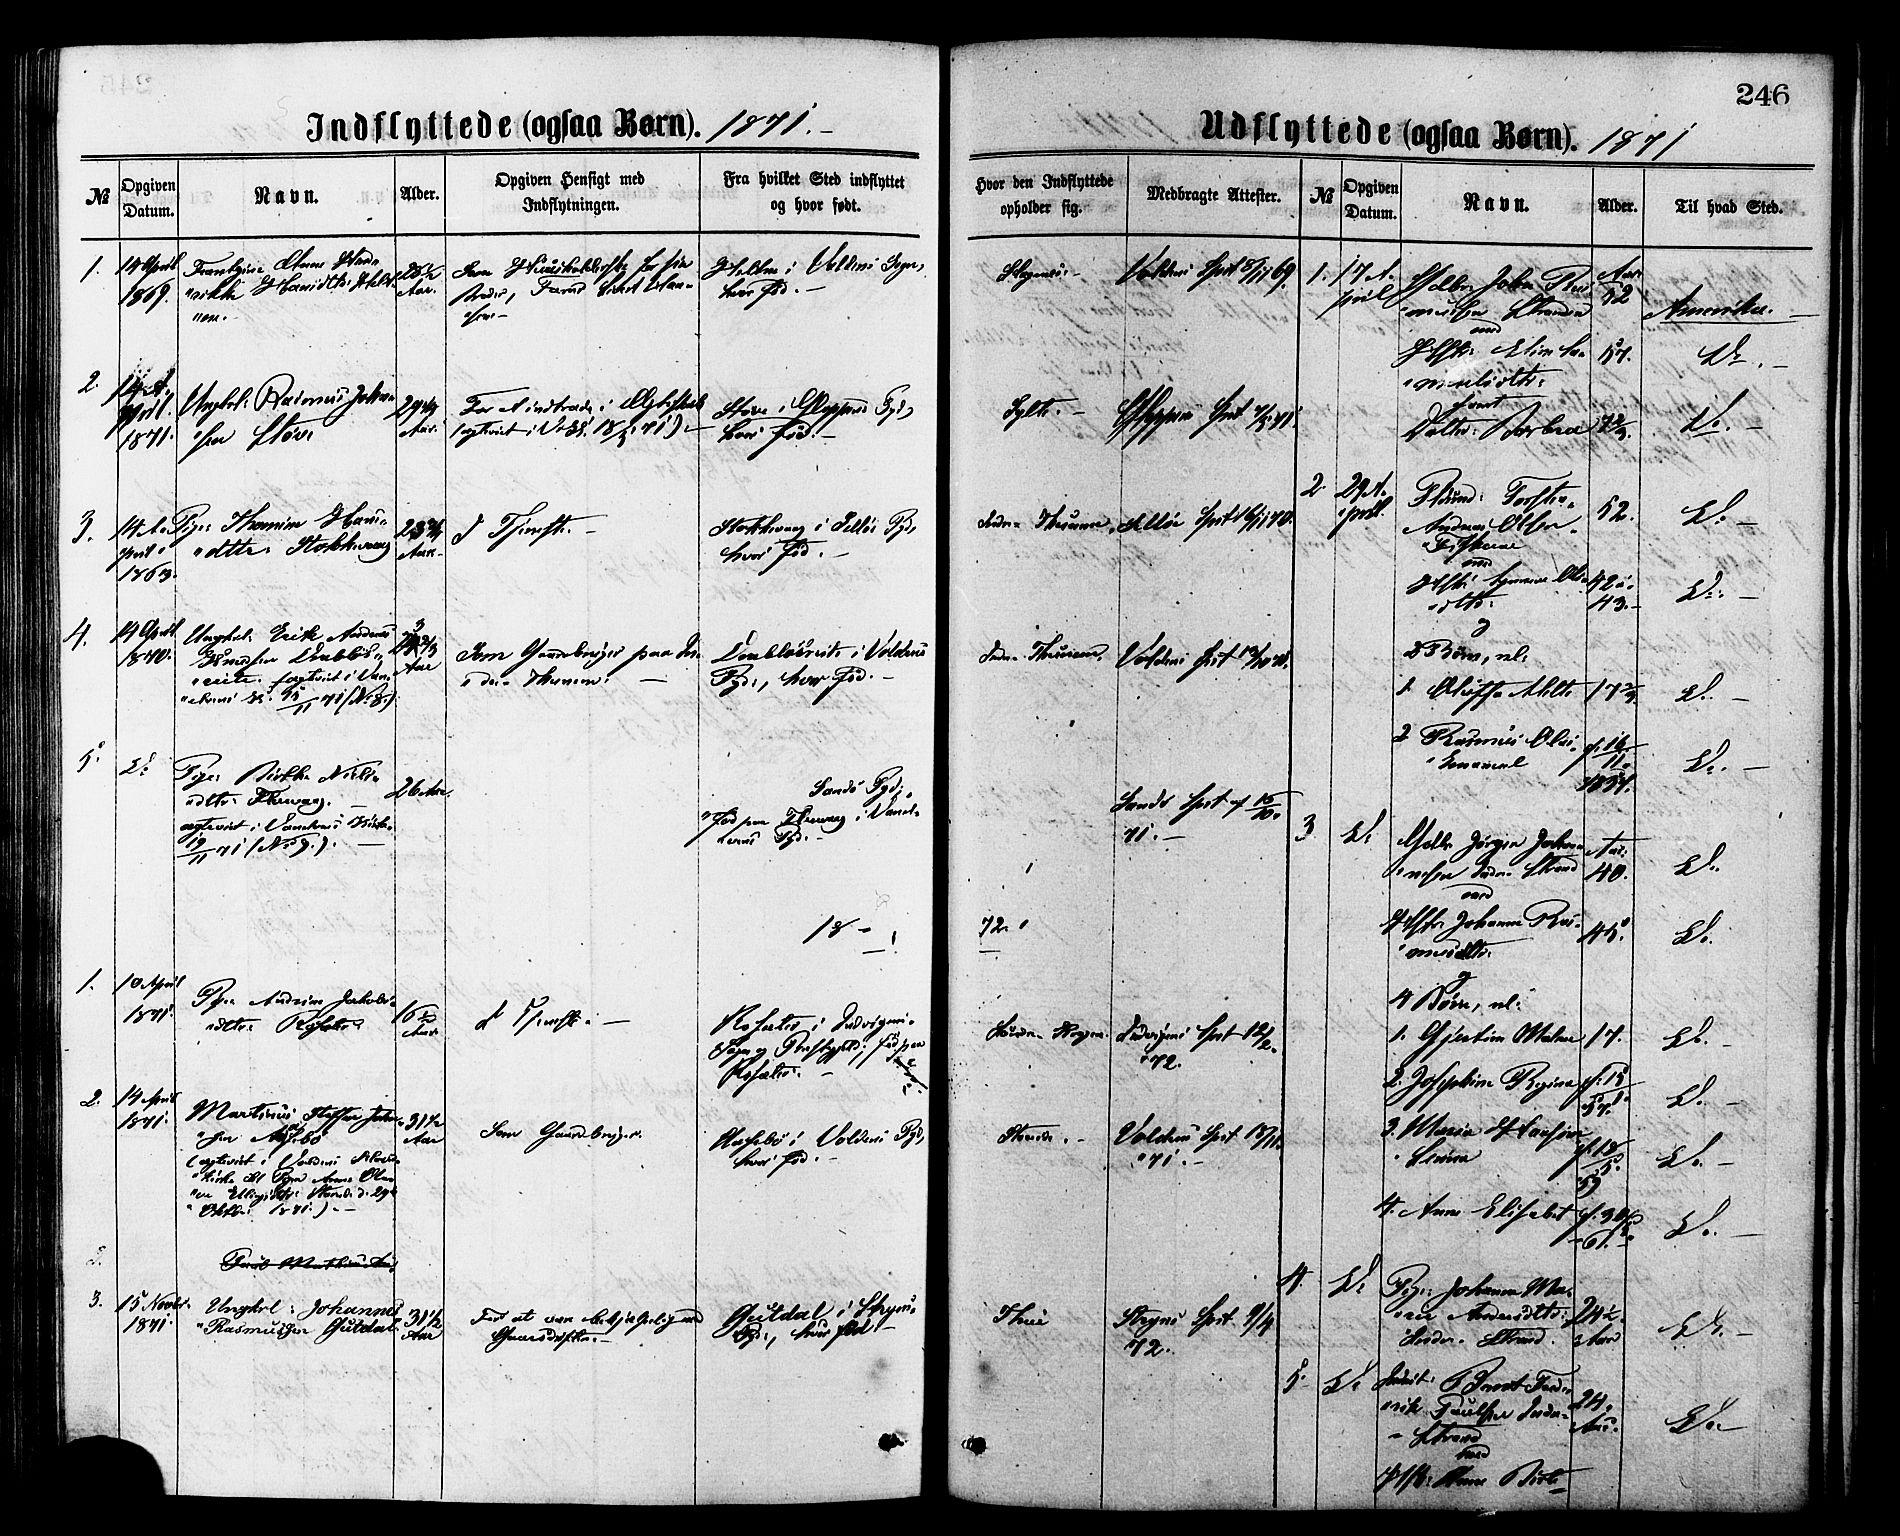 SAT, Ministerialprotokoller, klokkerbøker og fødselsregistre - Møre og Romsdal, 501/L0007: Ministerialbok nr. 501A07, 1868-1884, s. 246